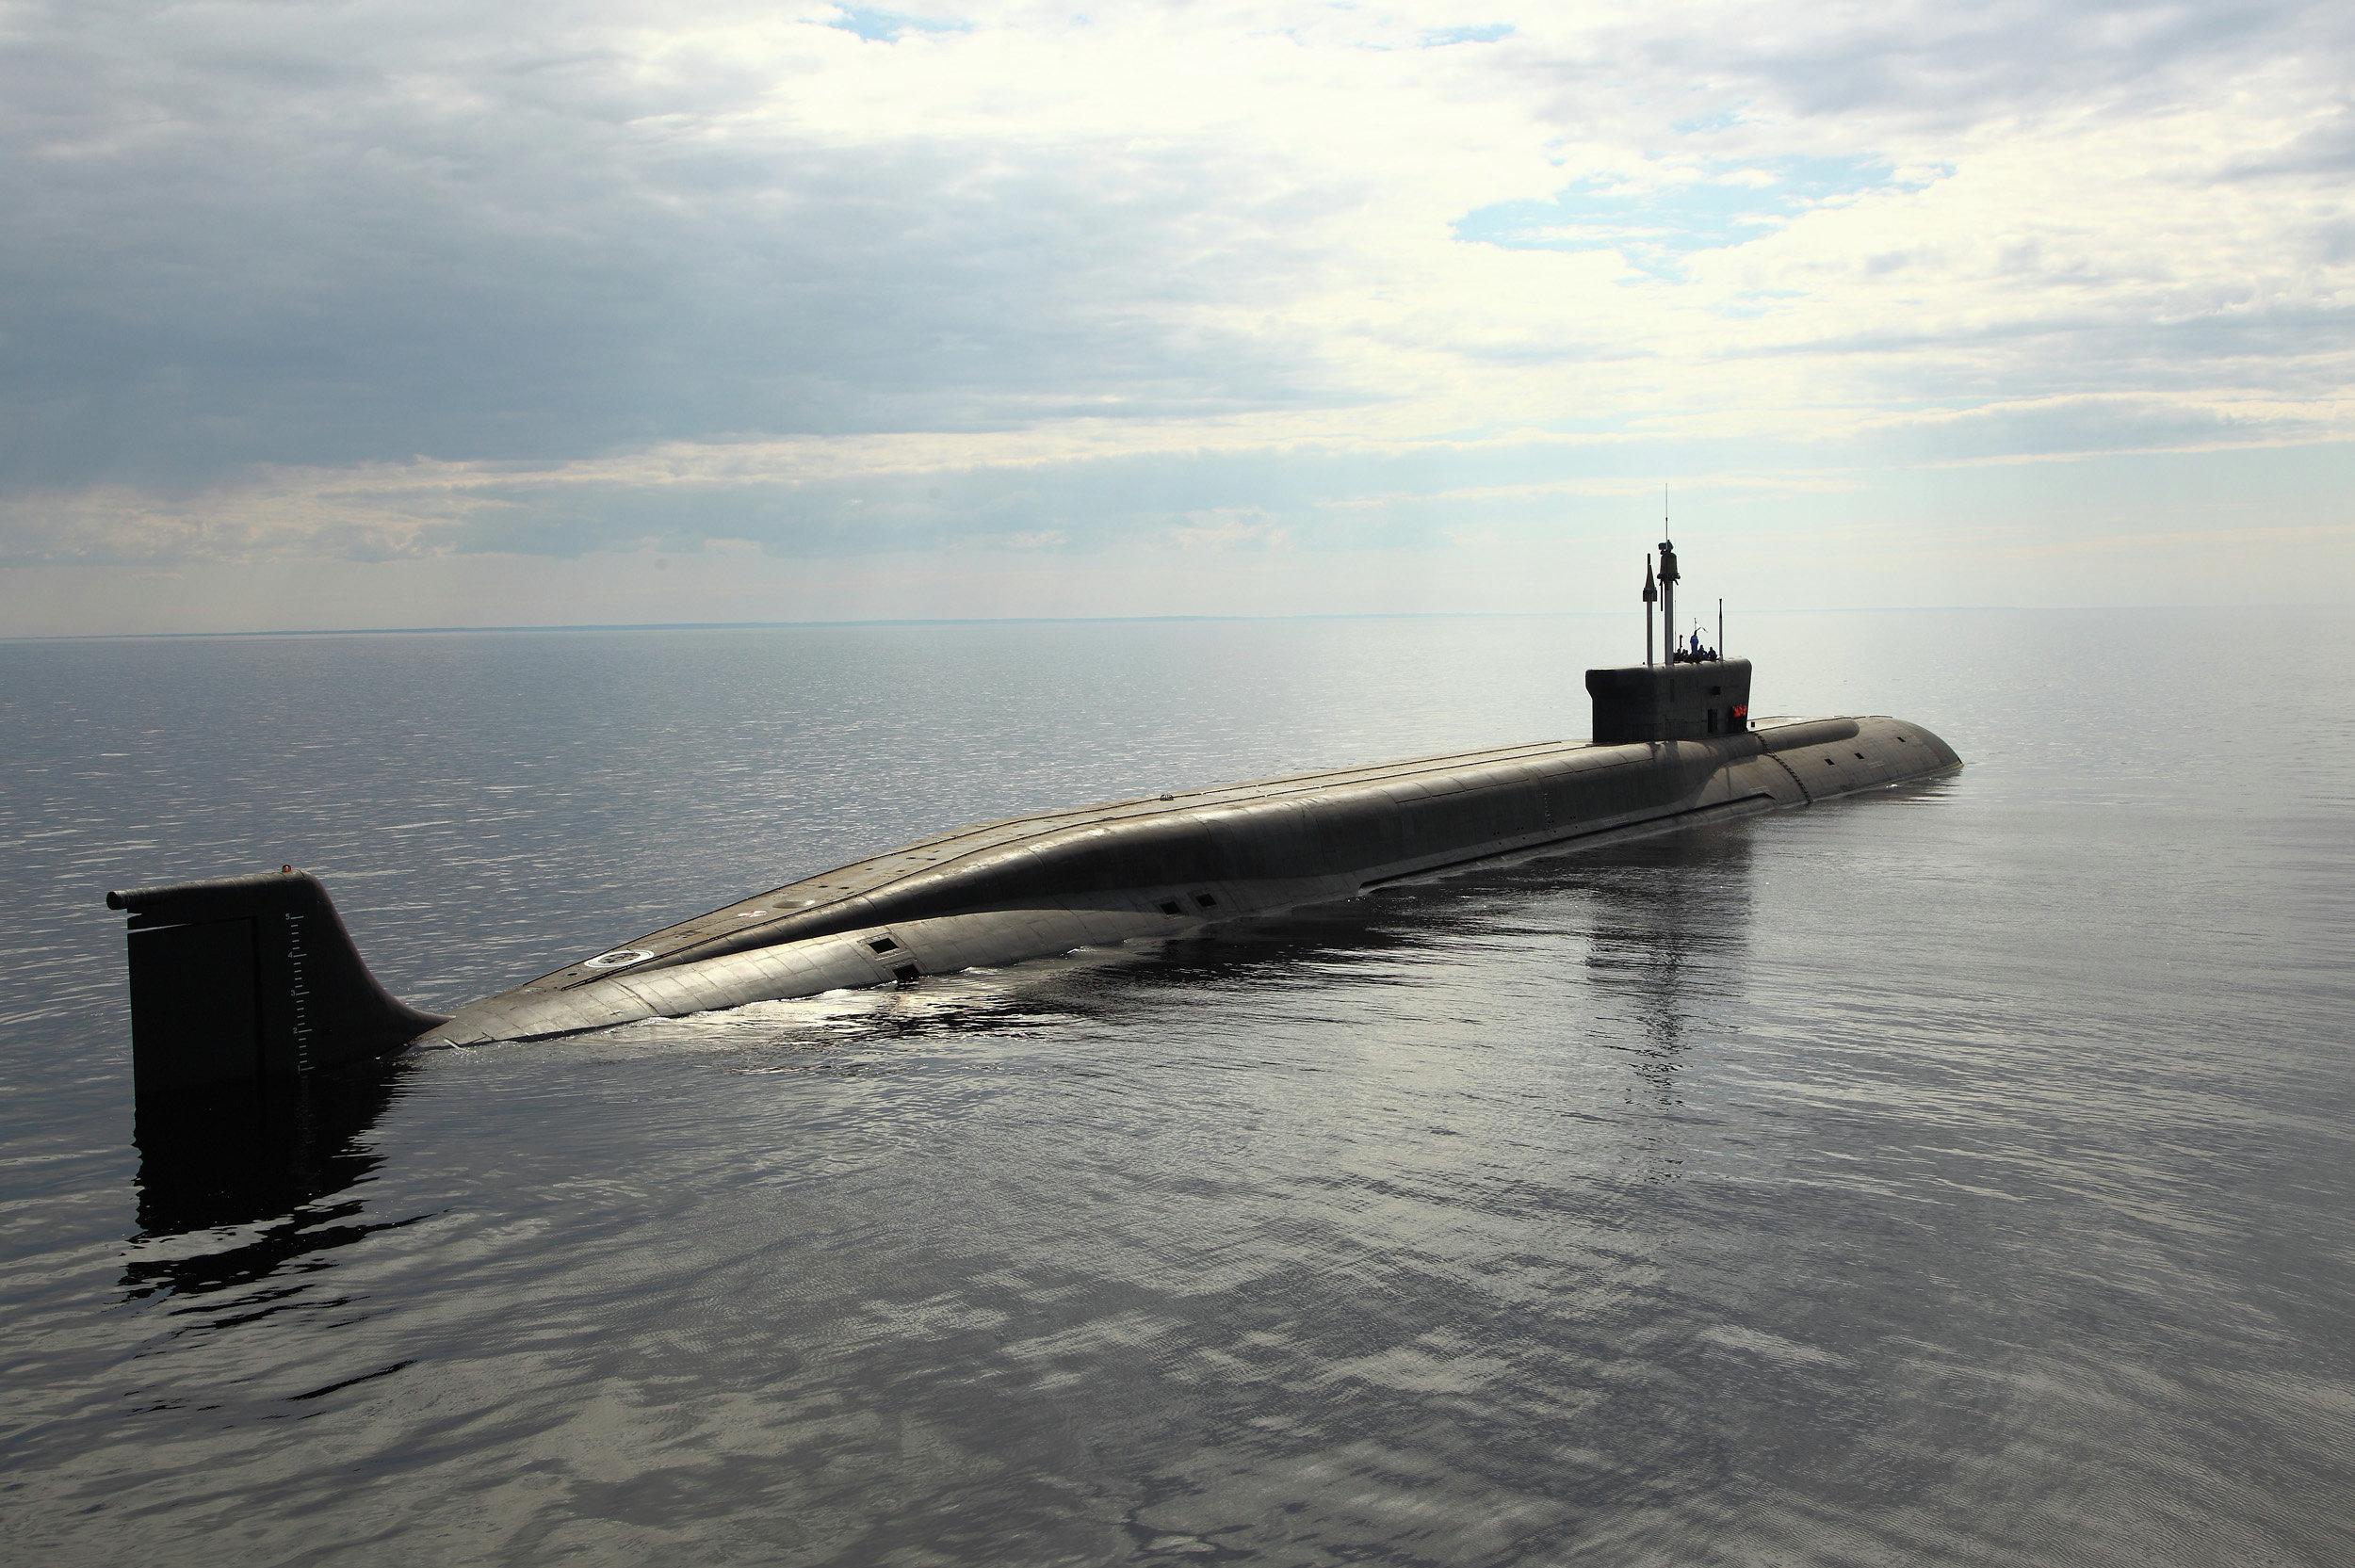 Sous-marin nucléaire russe Vladimir Monomakh